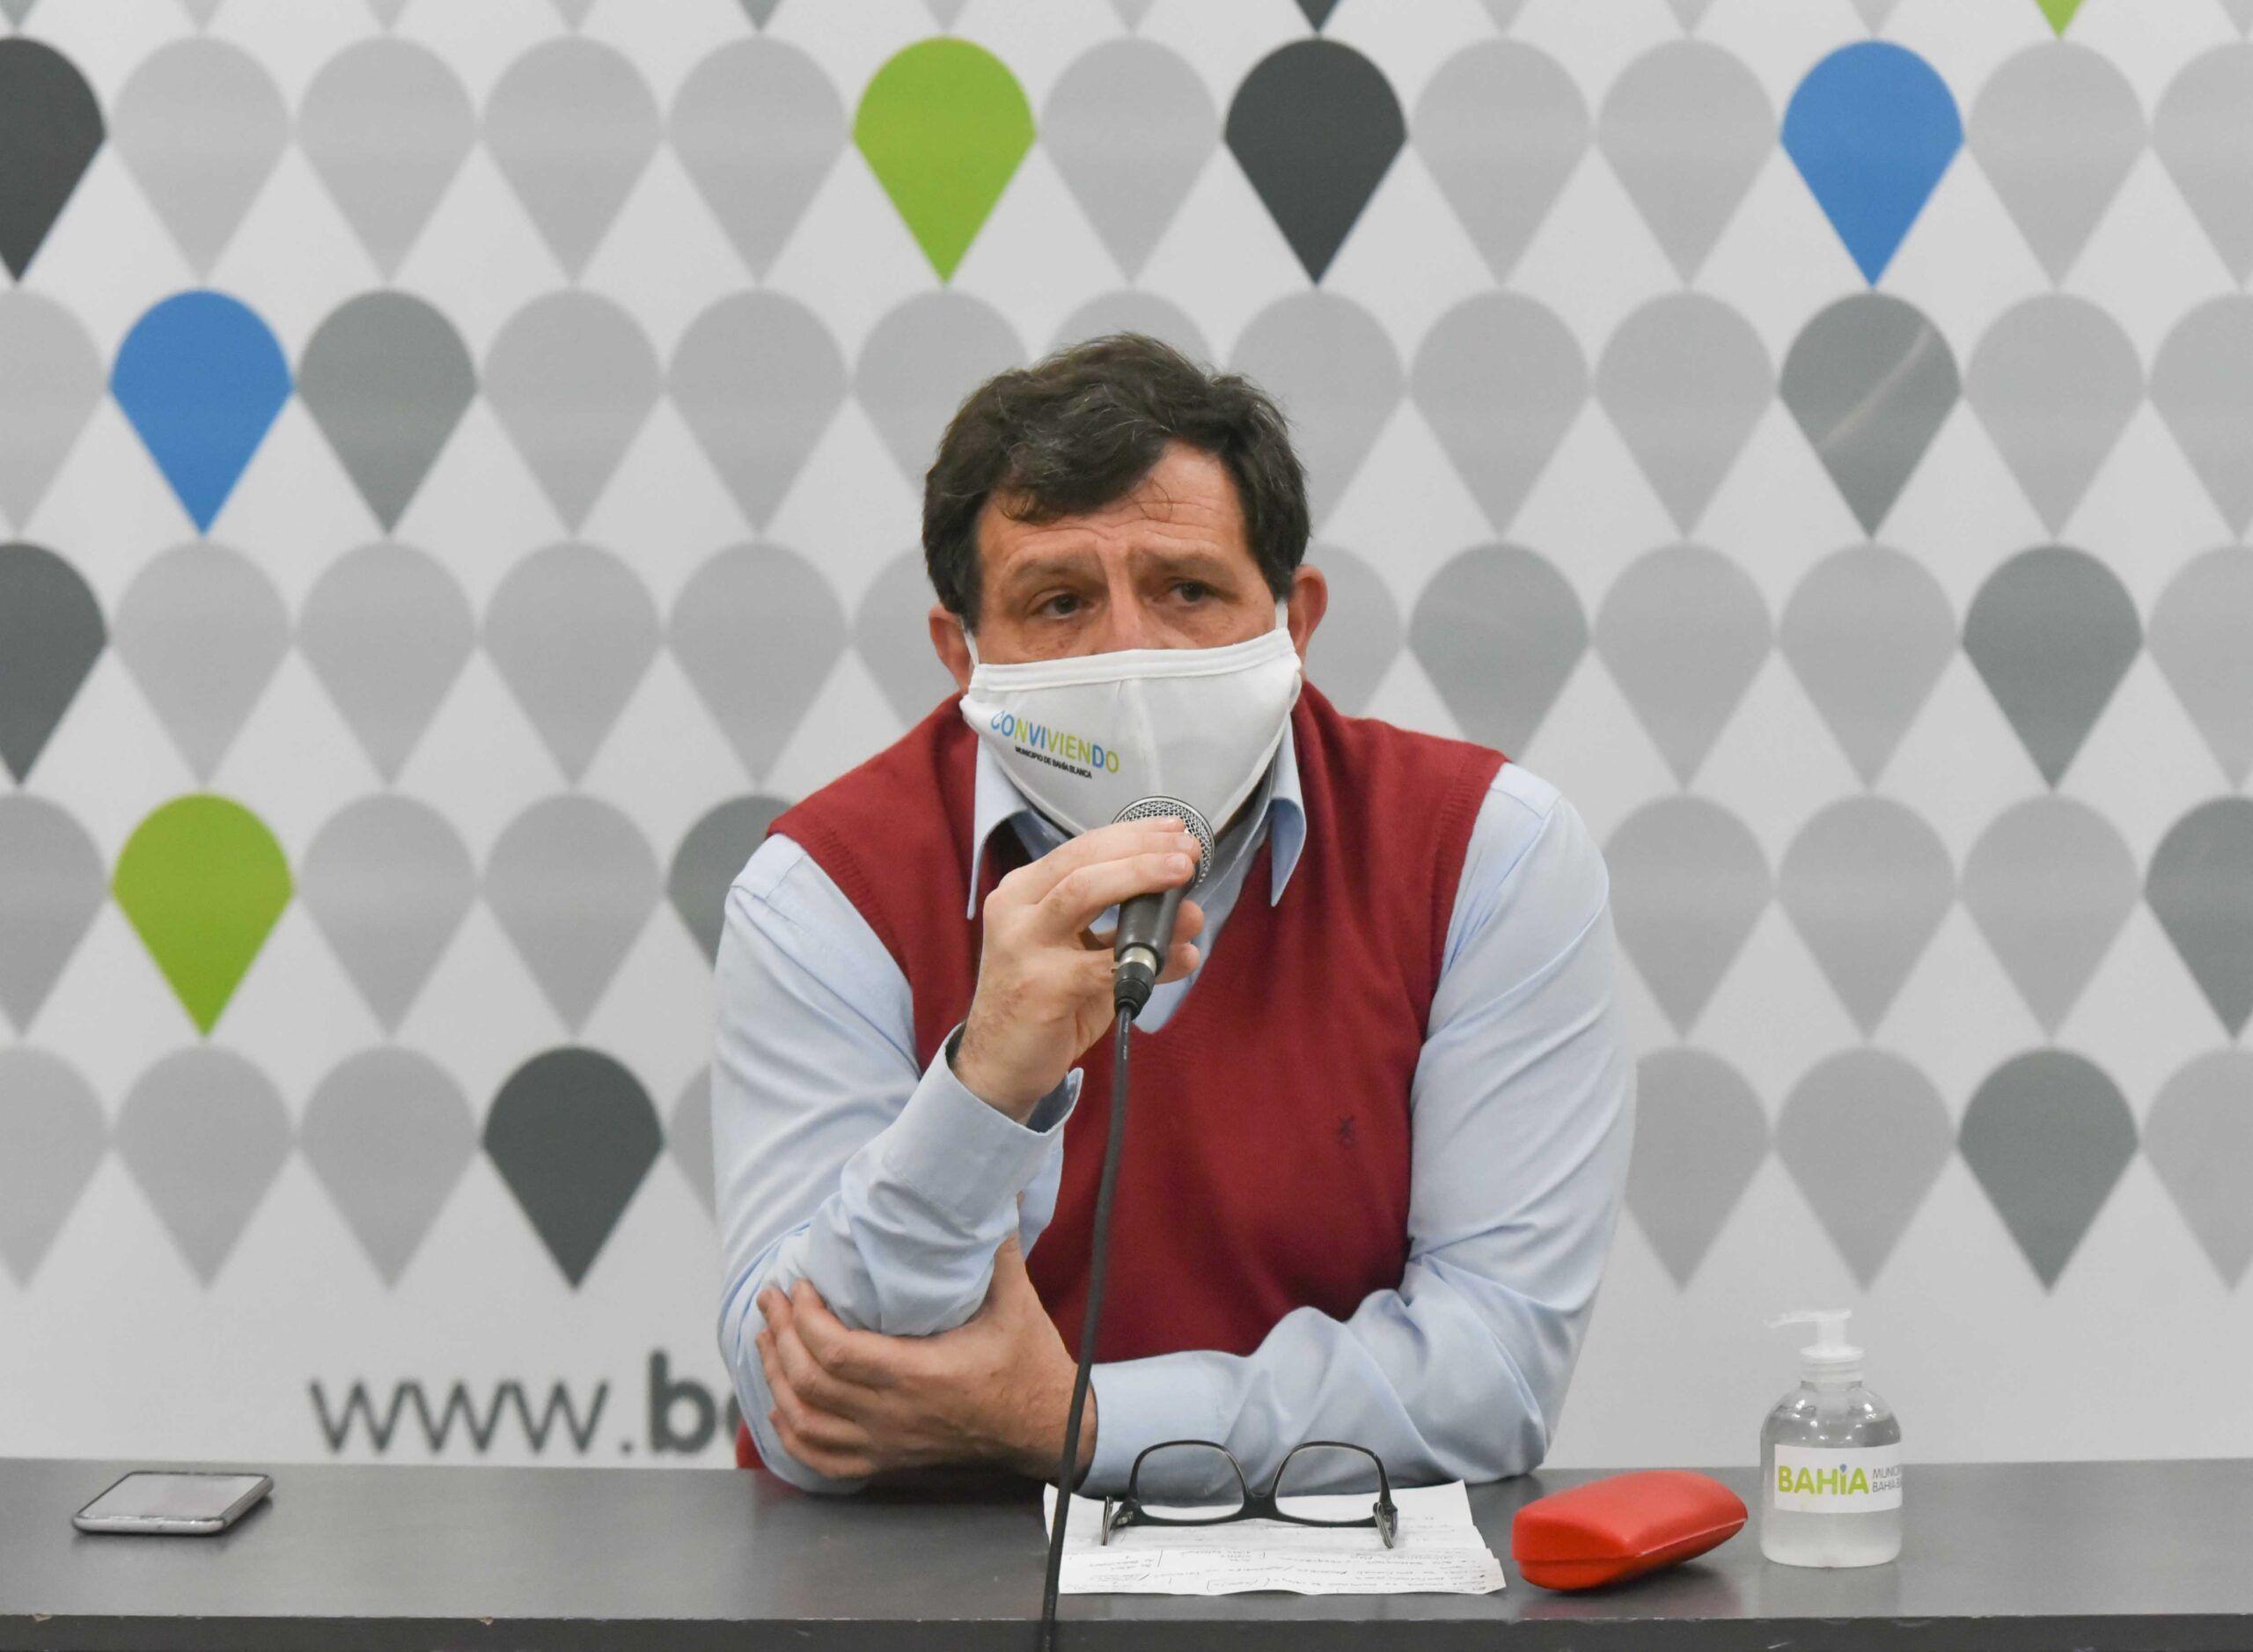 El secretario de Salud de Bahía Blanca, Pablo Acrogliano